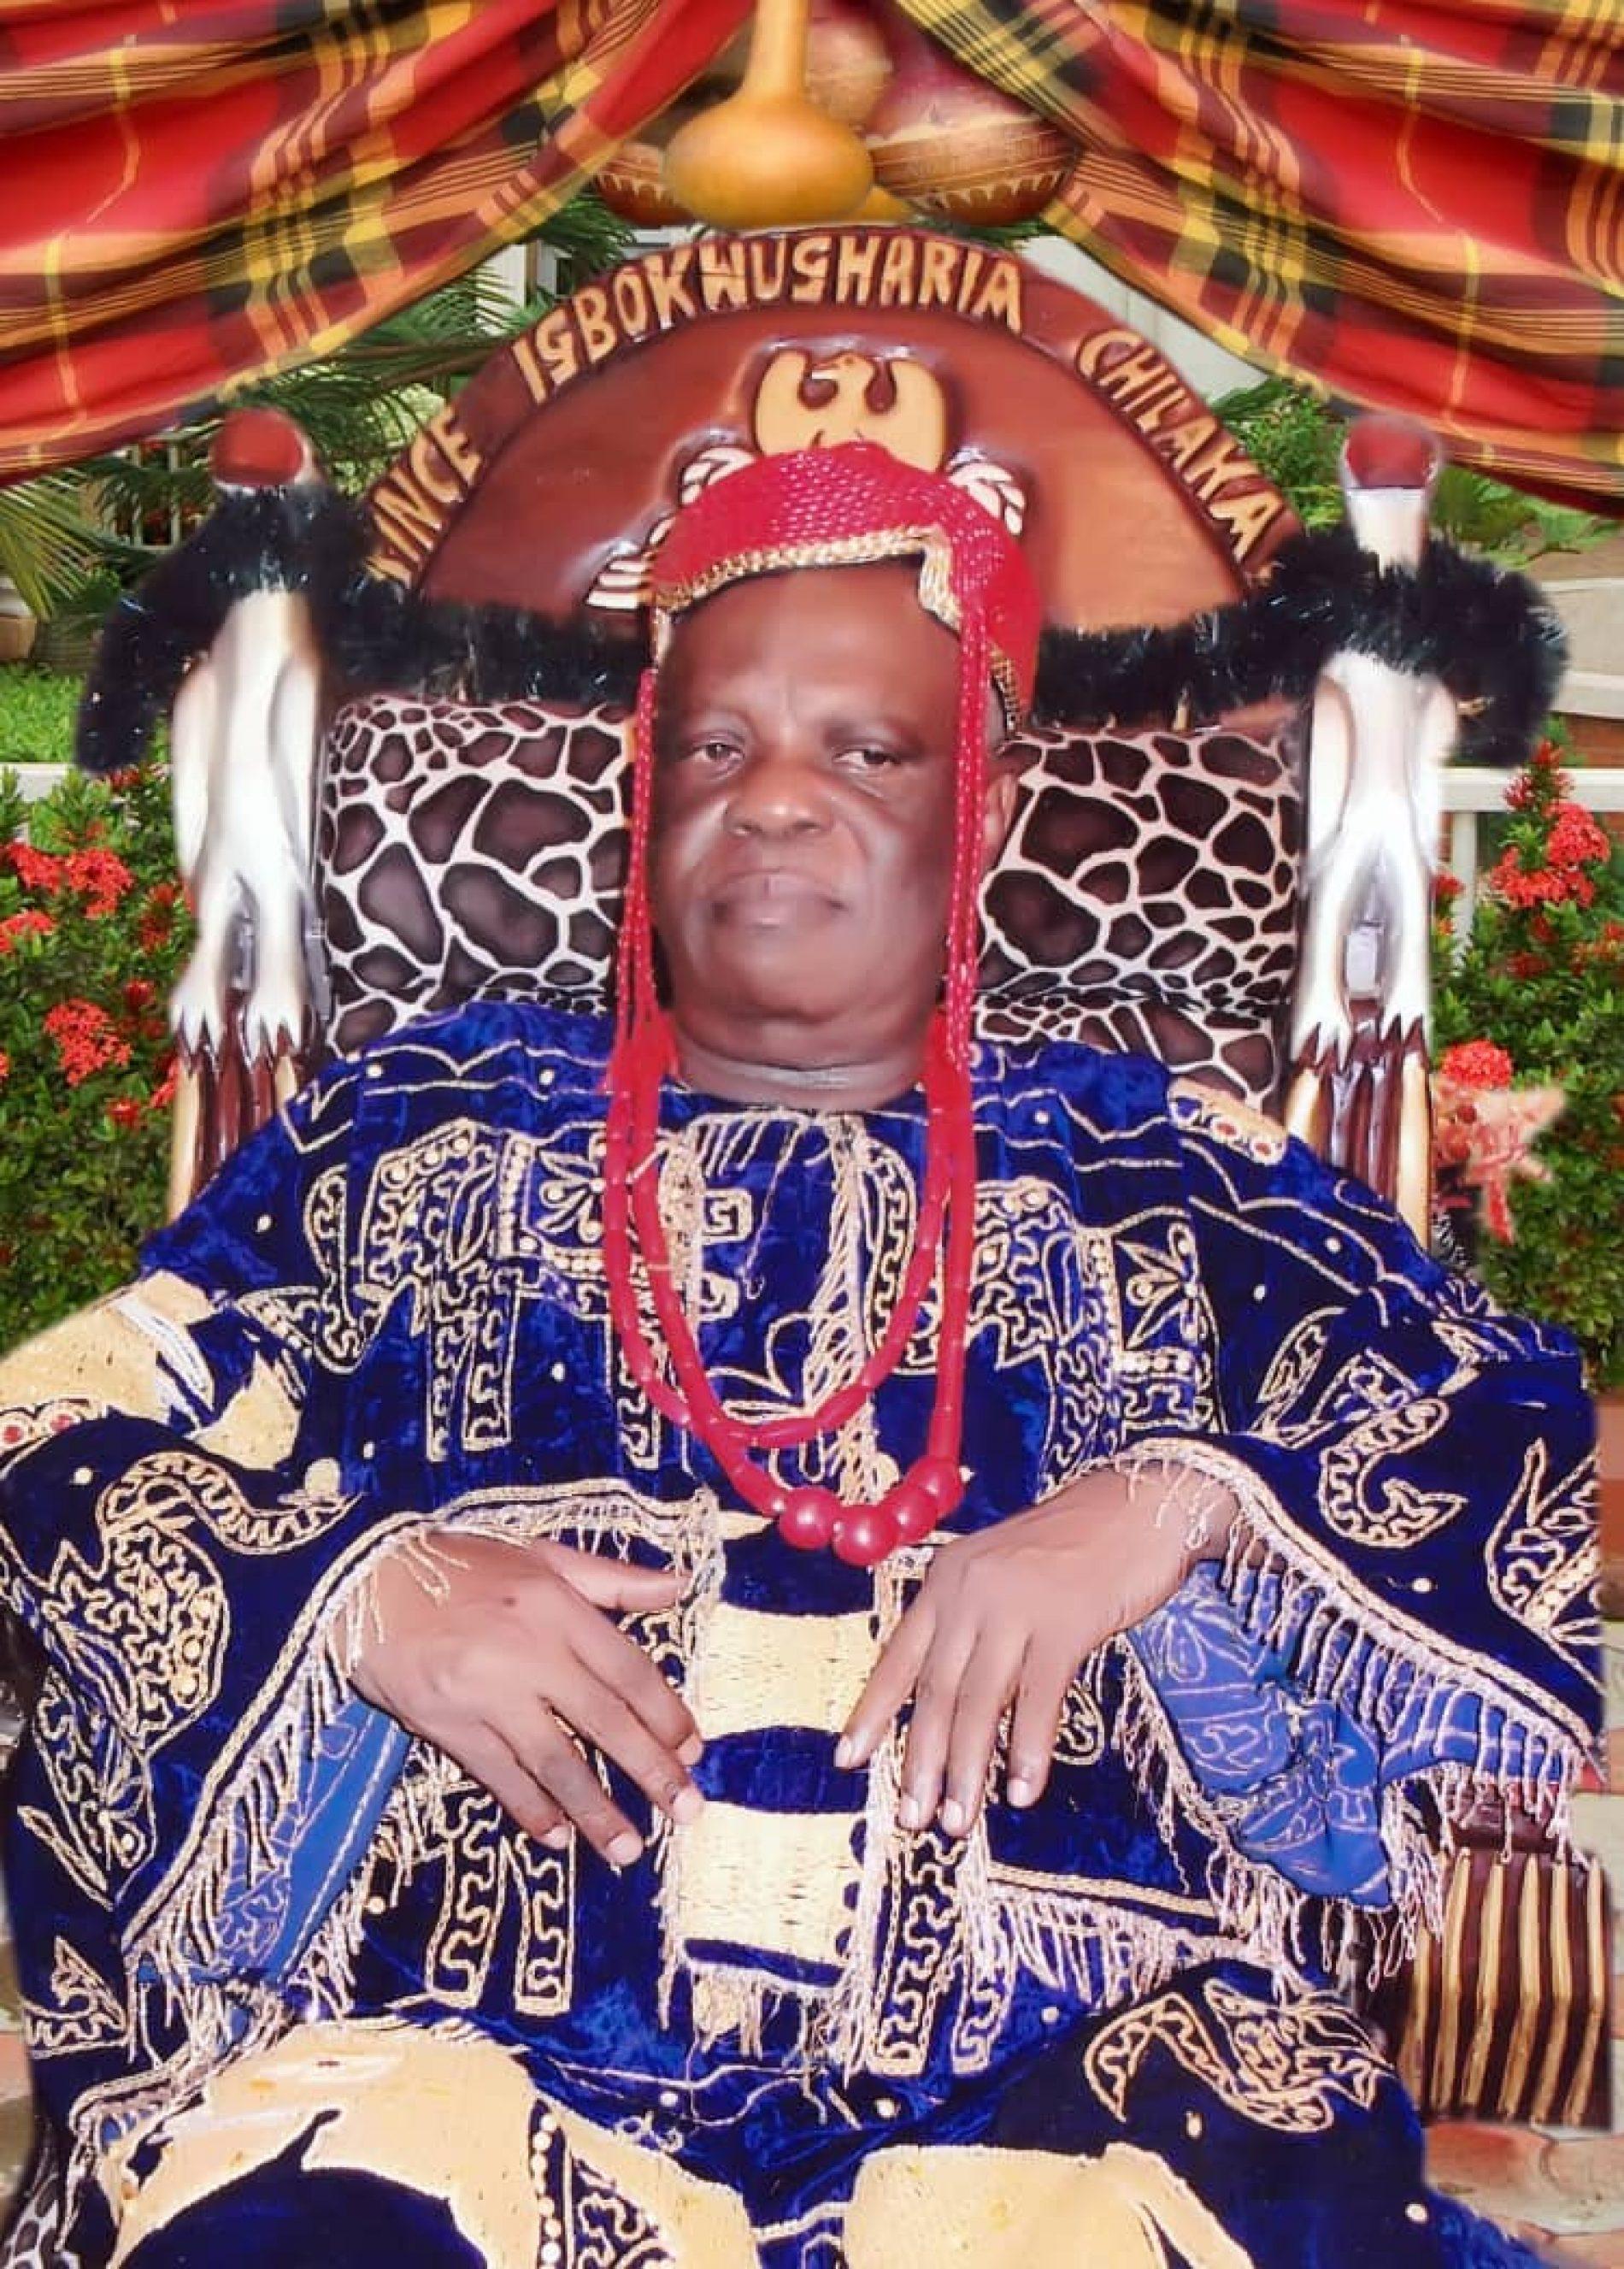 High Chief Igbokwugharia Chilaka goes home Dec 26